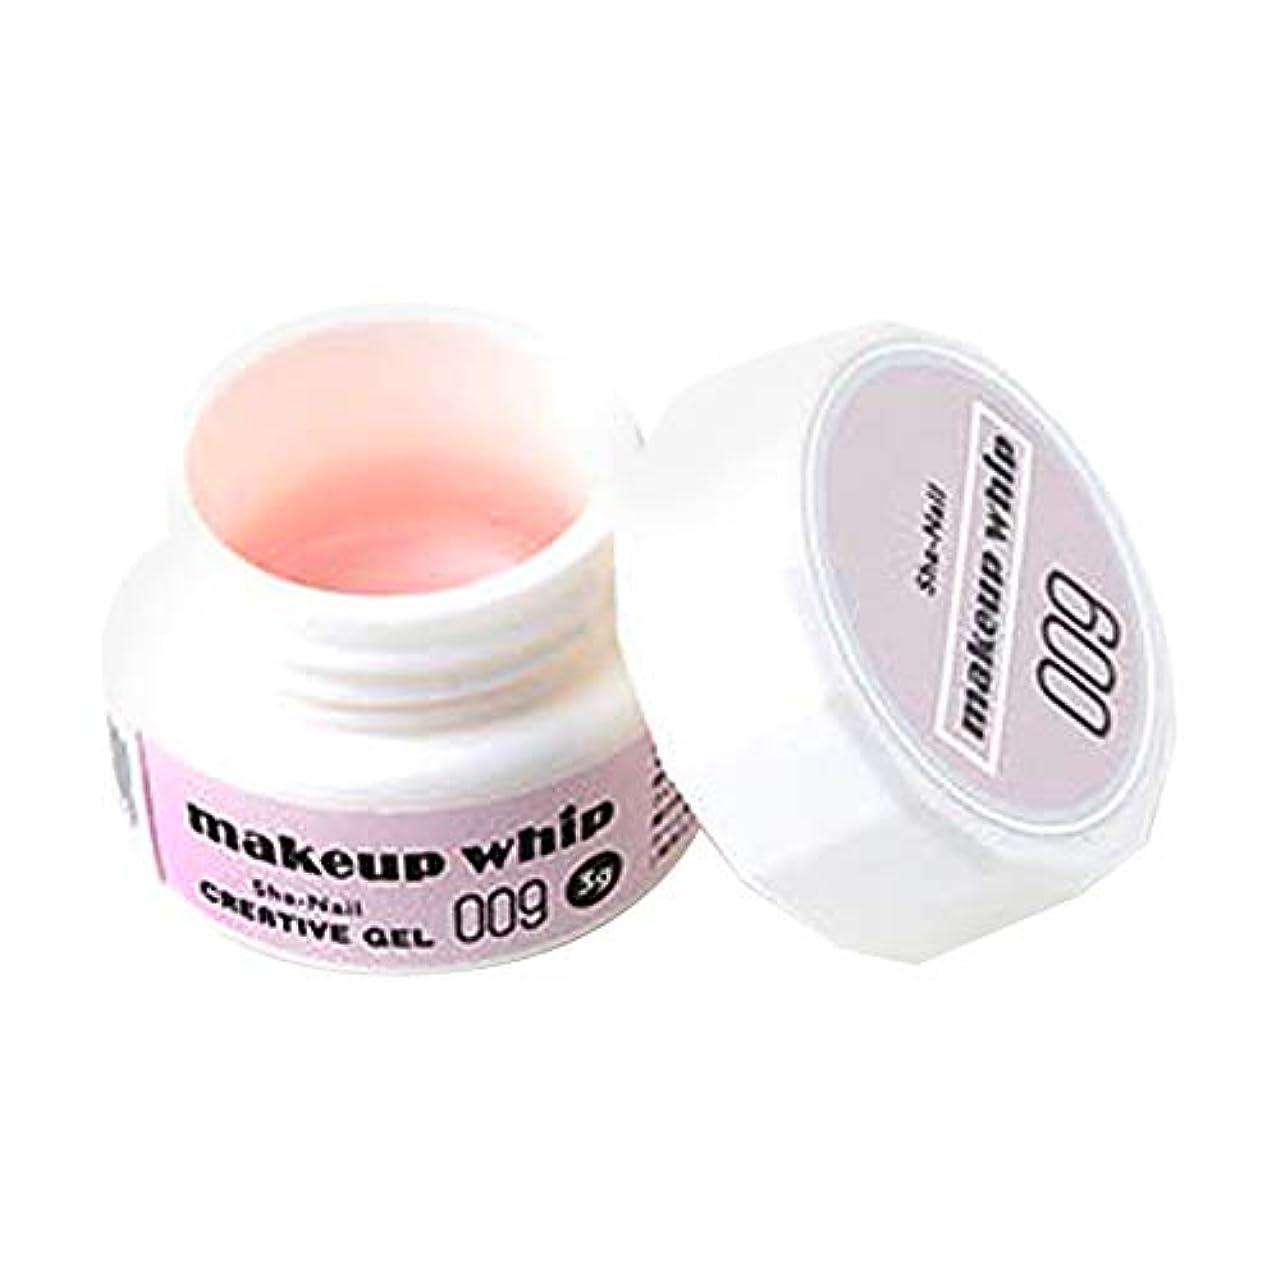 水予備注目すべきSha-Nail Creative Gel カラージェル 3g 009 ミルキーピンク UV/LED対応